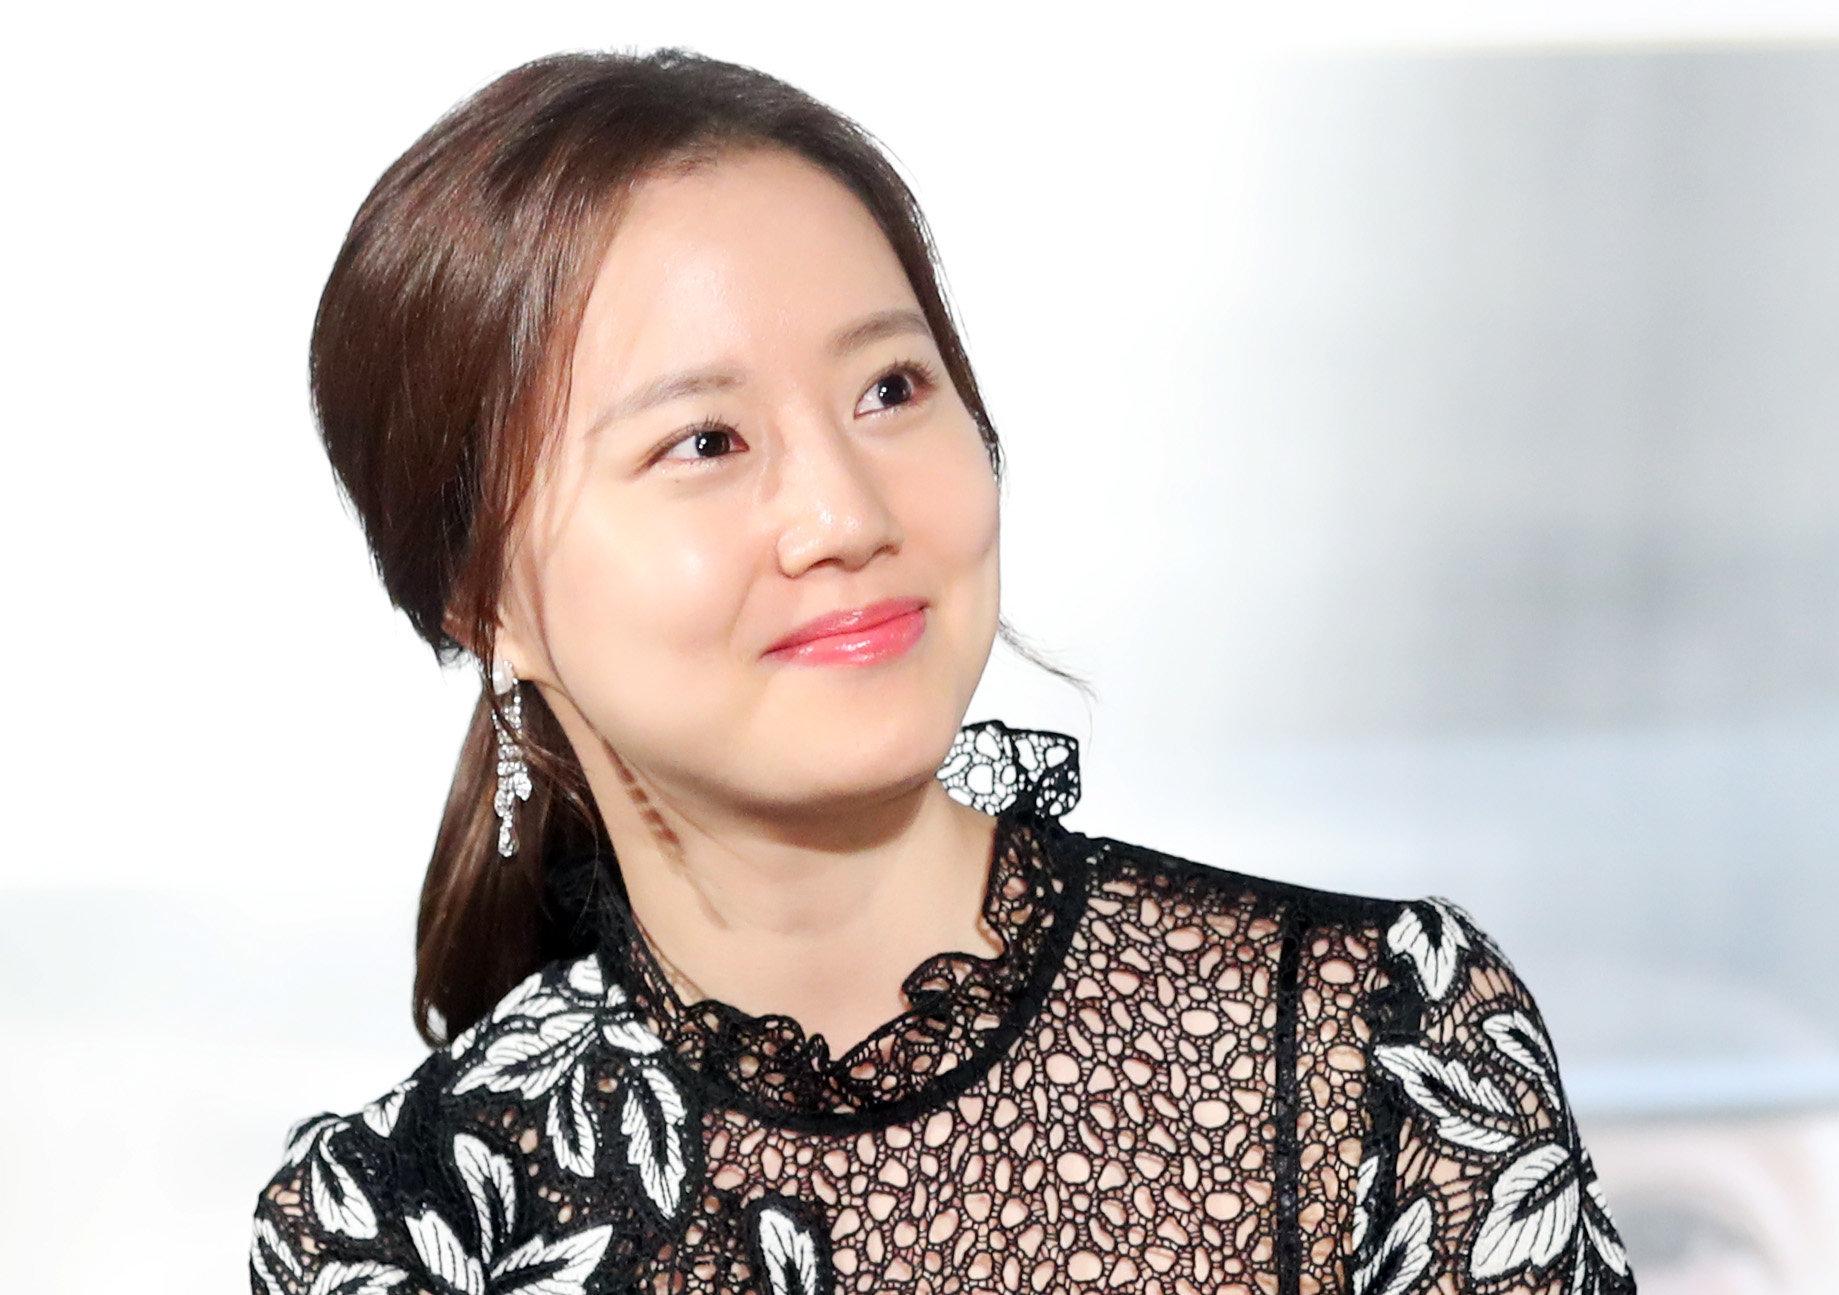 배우 문채원 측이 '정준영 찌라시' 및 인스타그램 해킹에 대해 밝힌